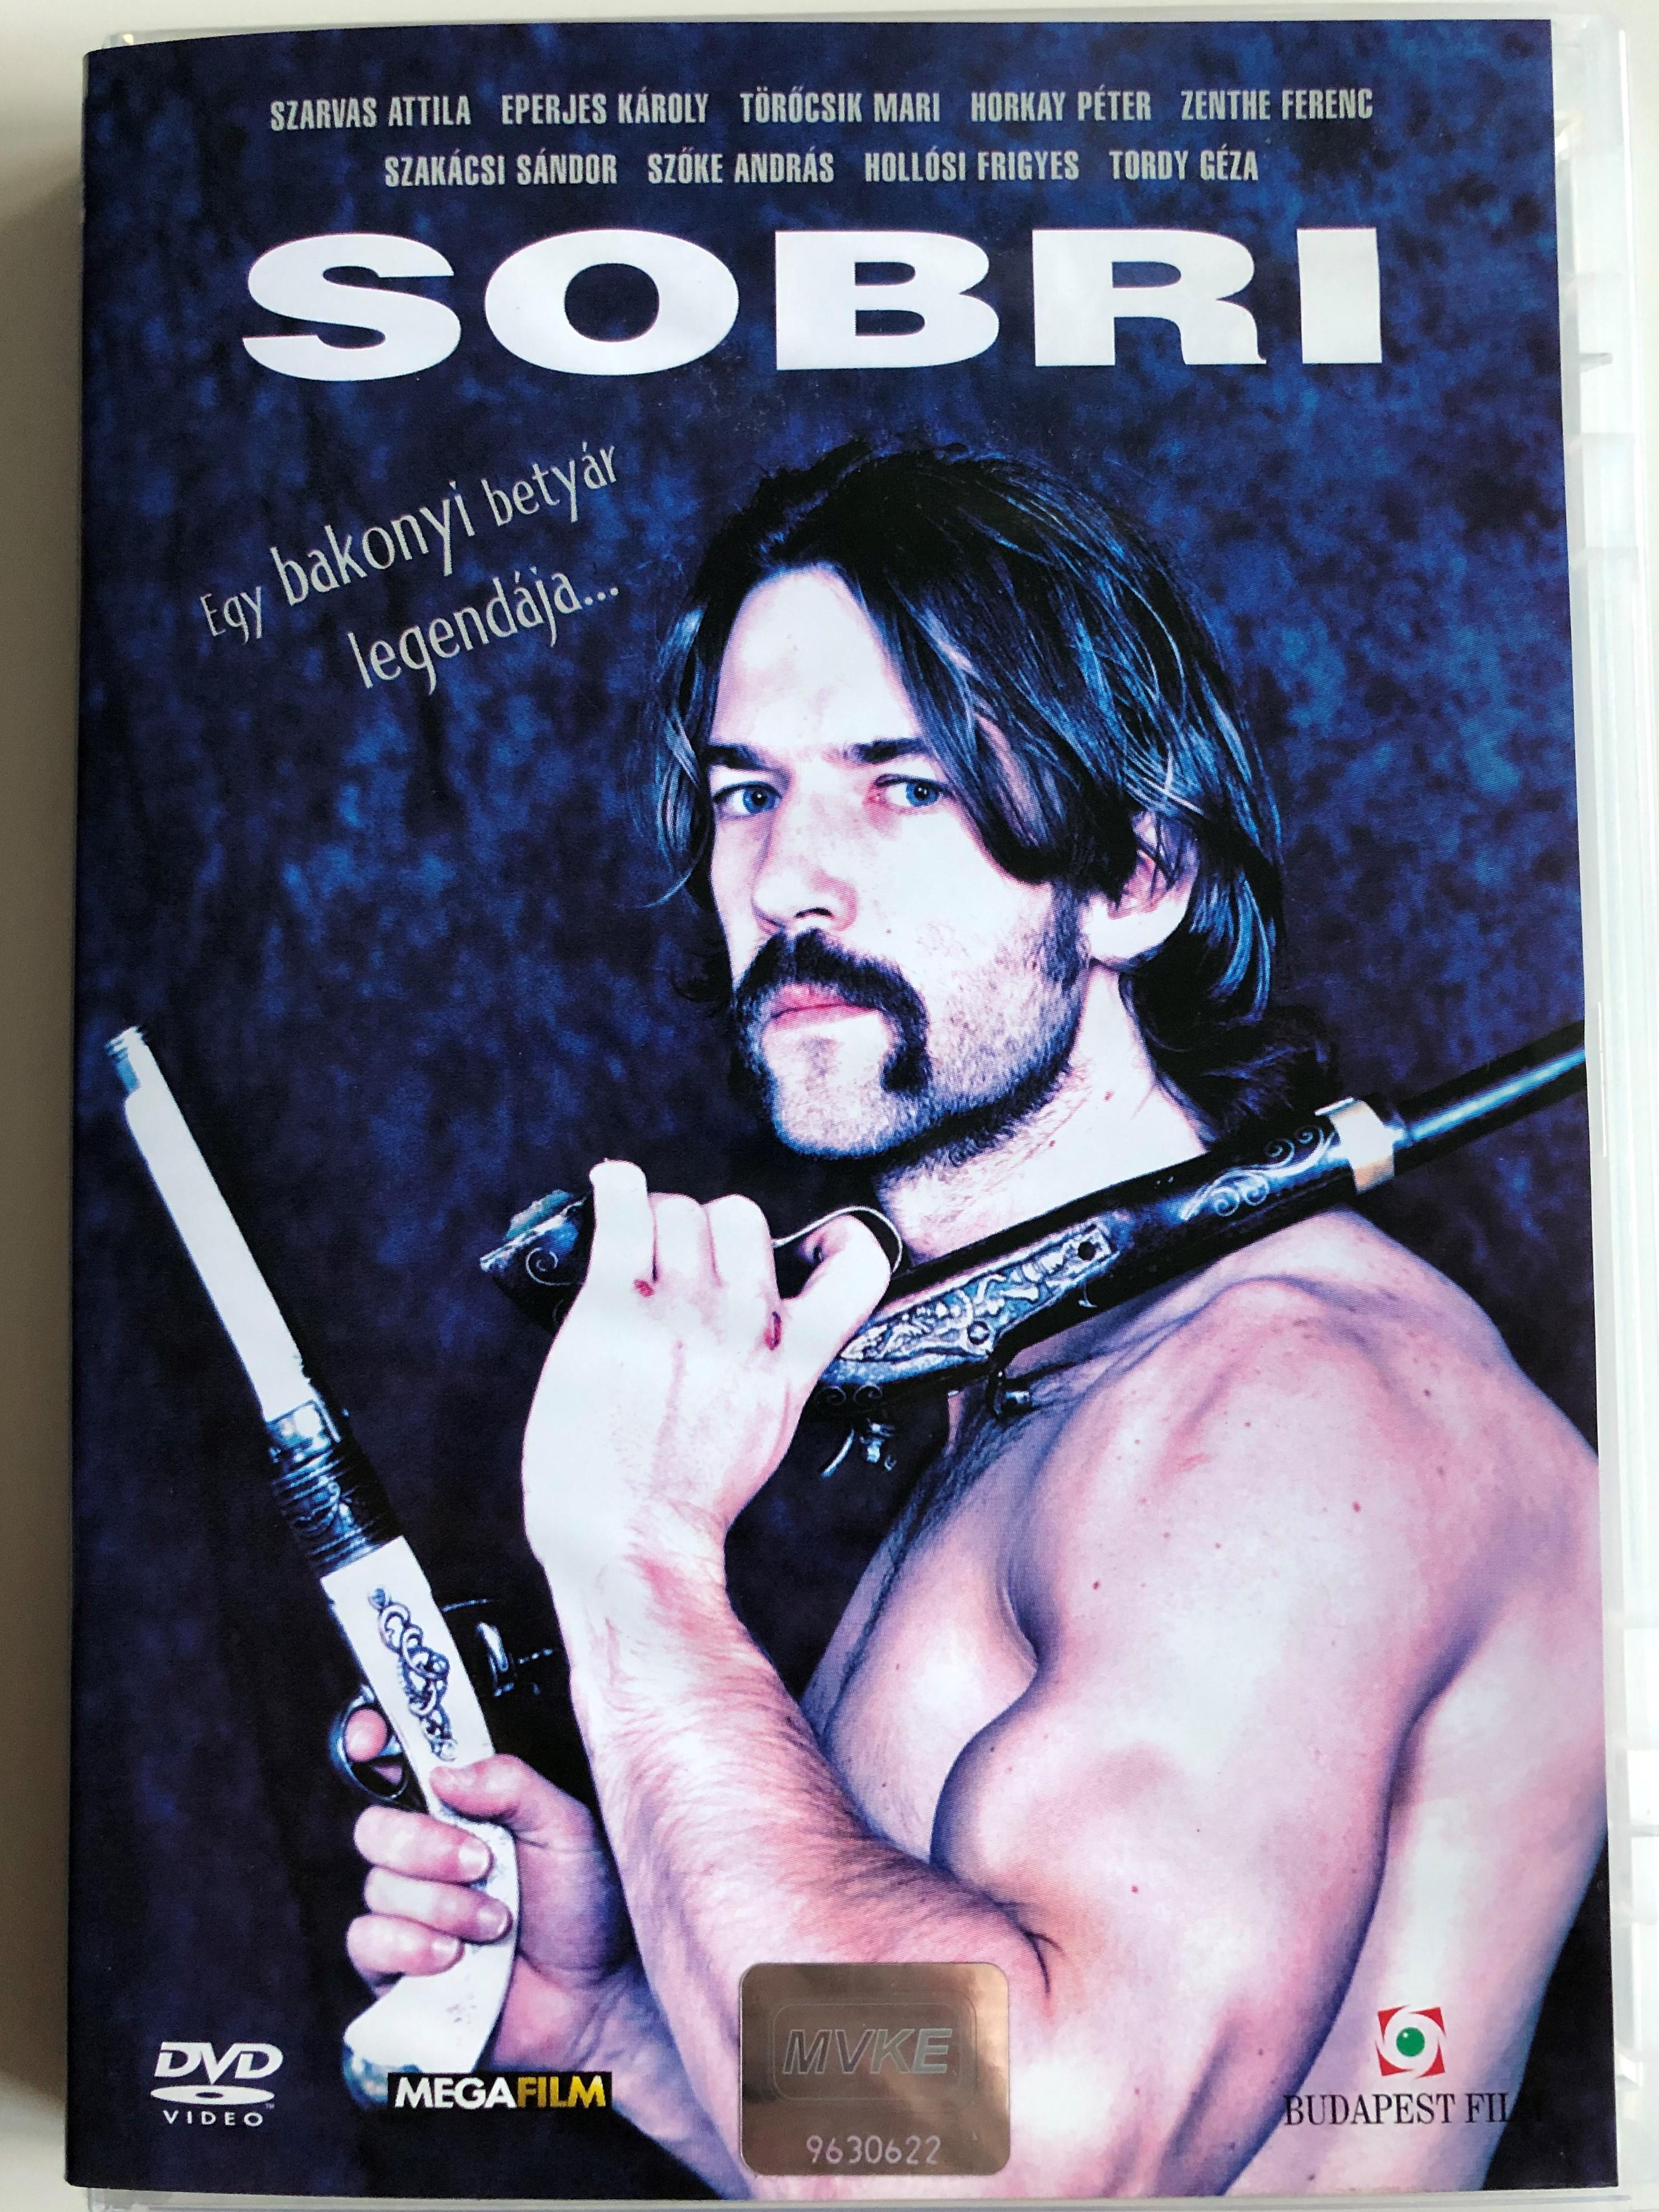 sobri-2002-dvd-egy-bakonyi-bety-r-legend-ja-directed-by-nov-k-emil-1.jpg